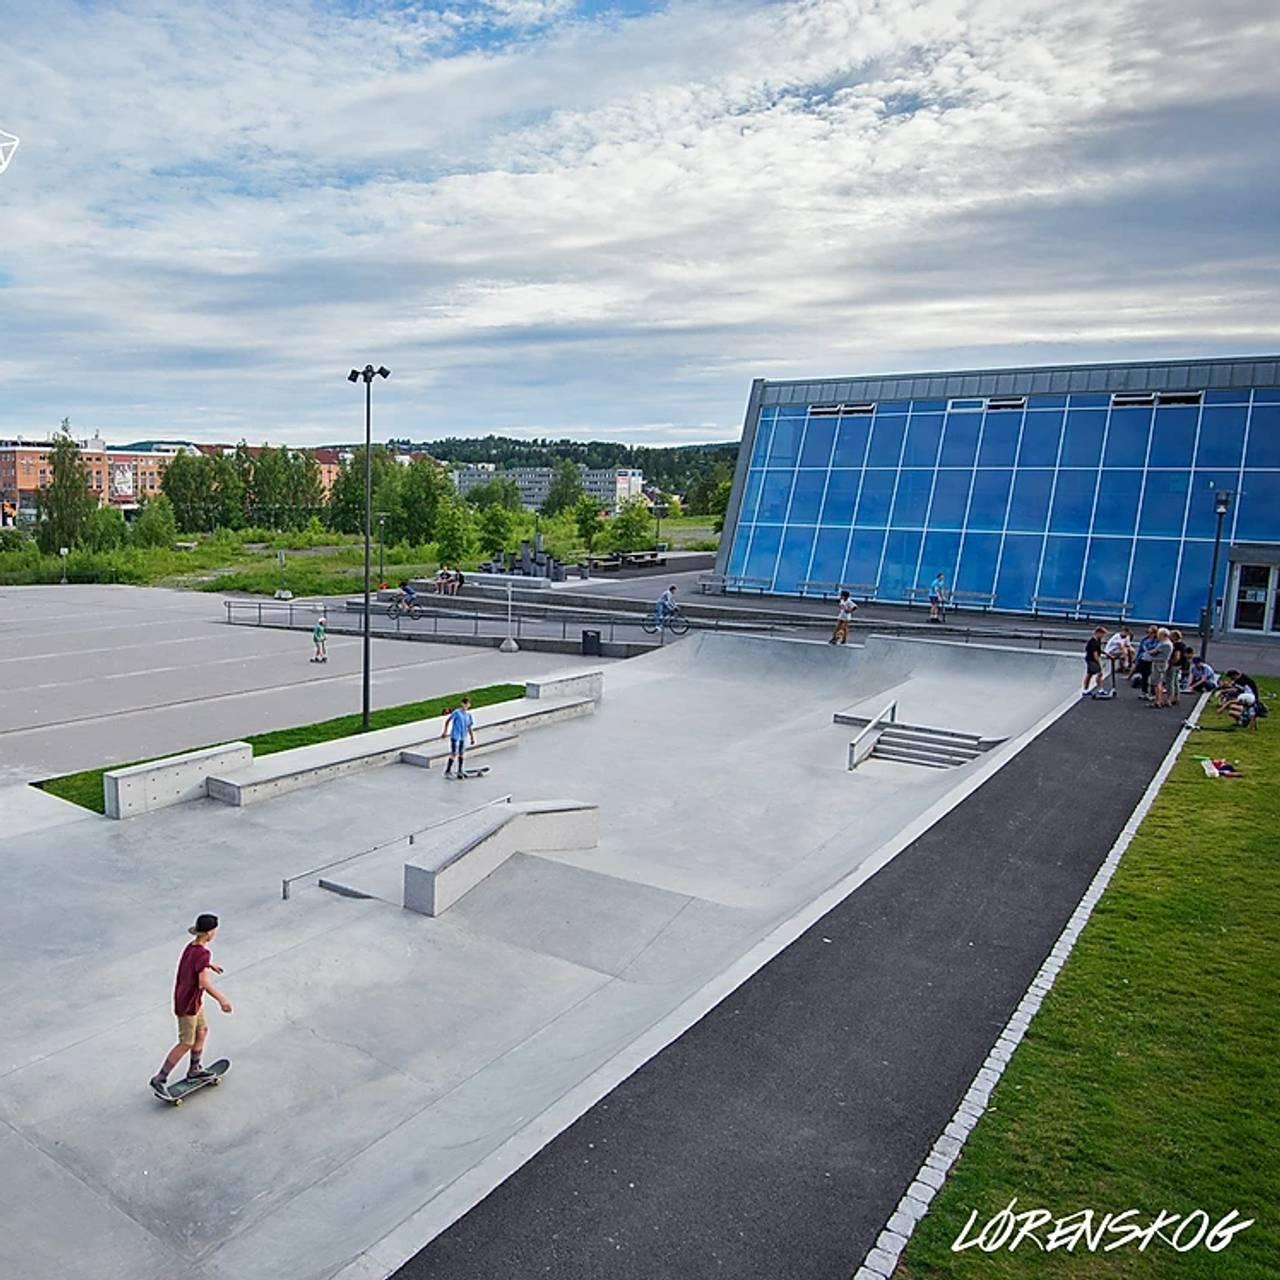 En stor skatepark i Lørenskog